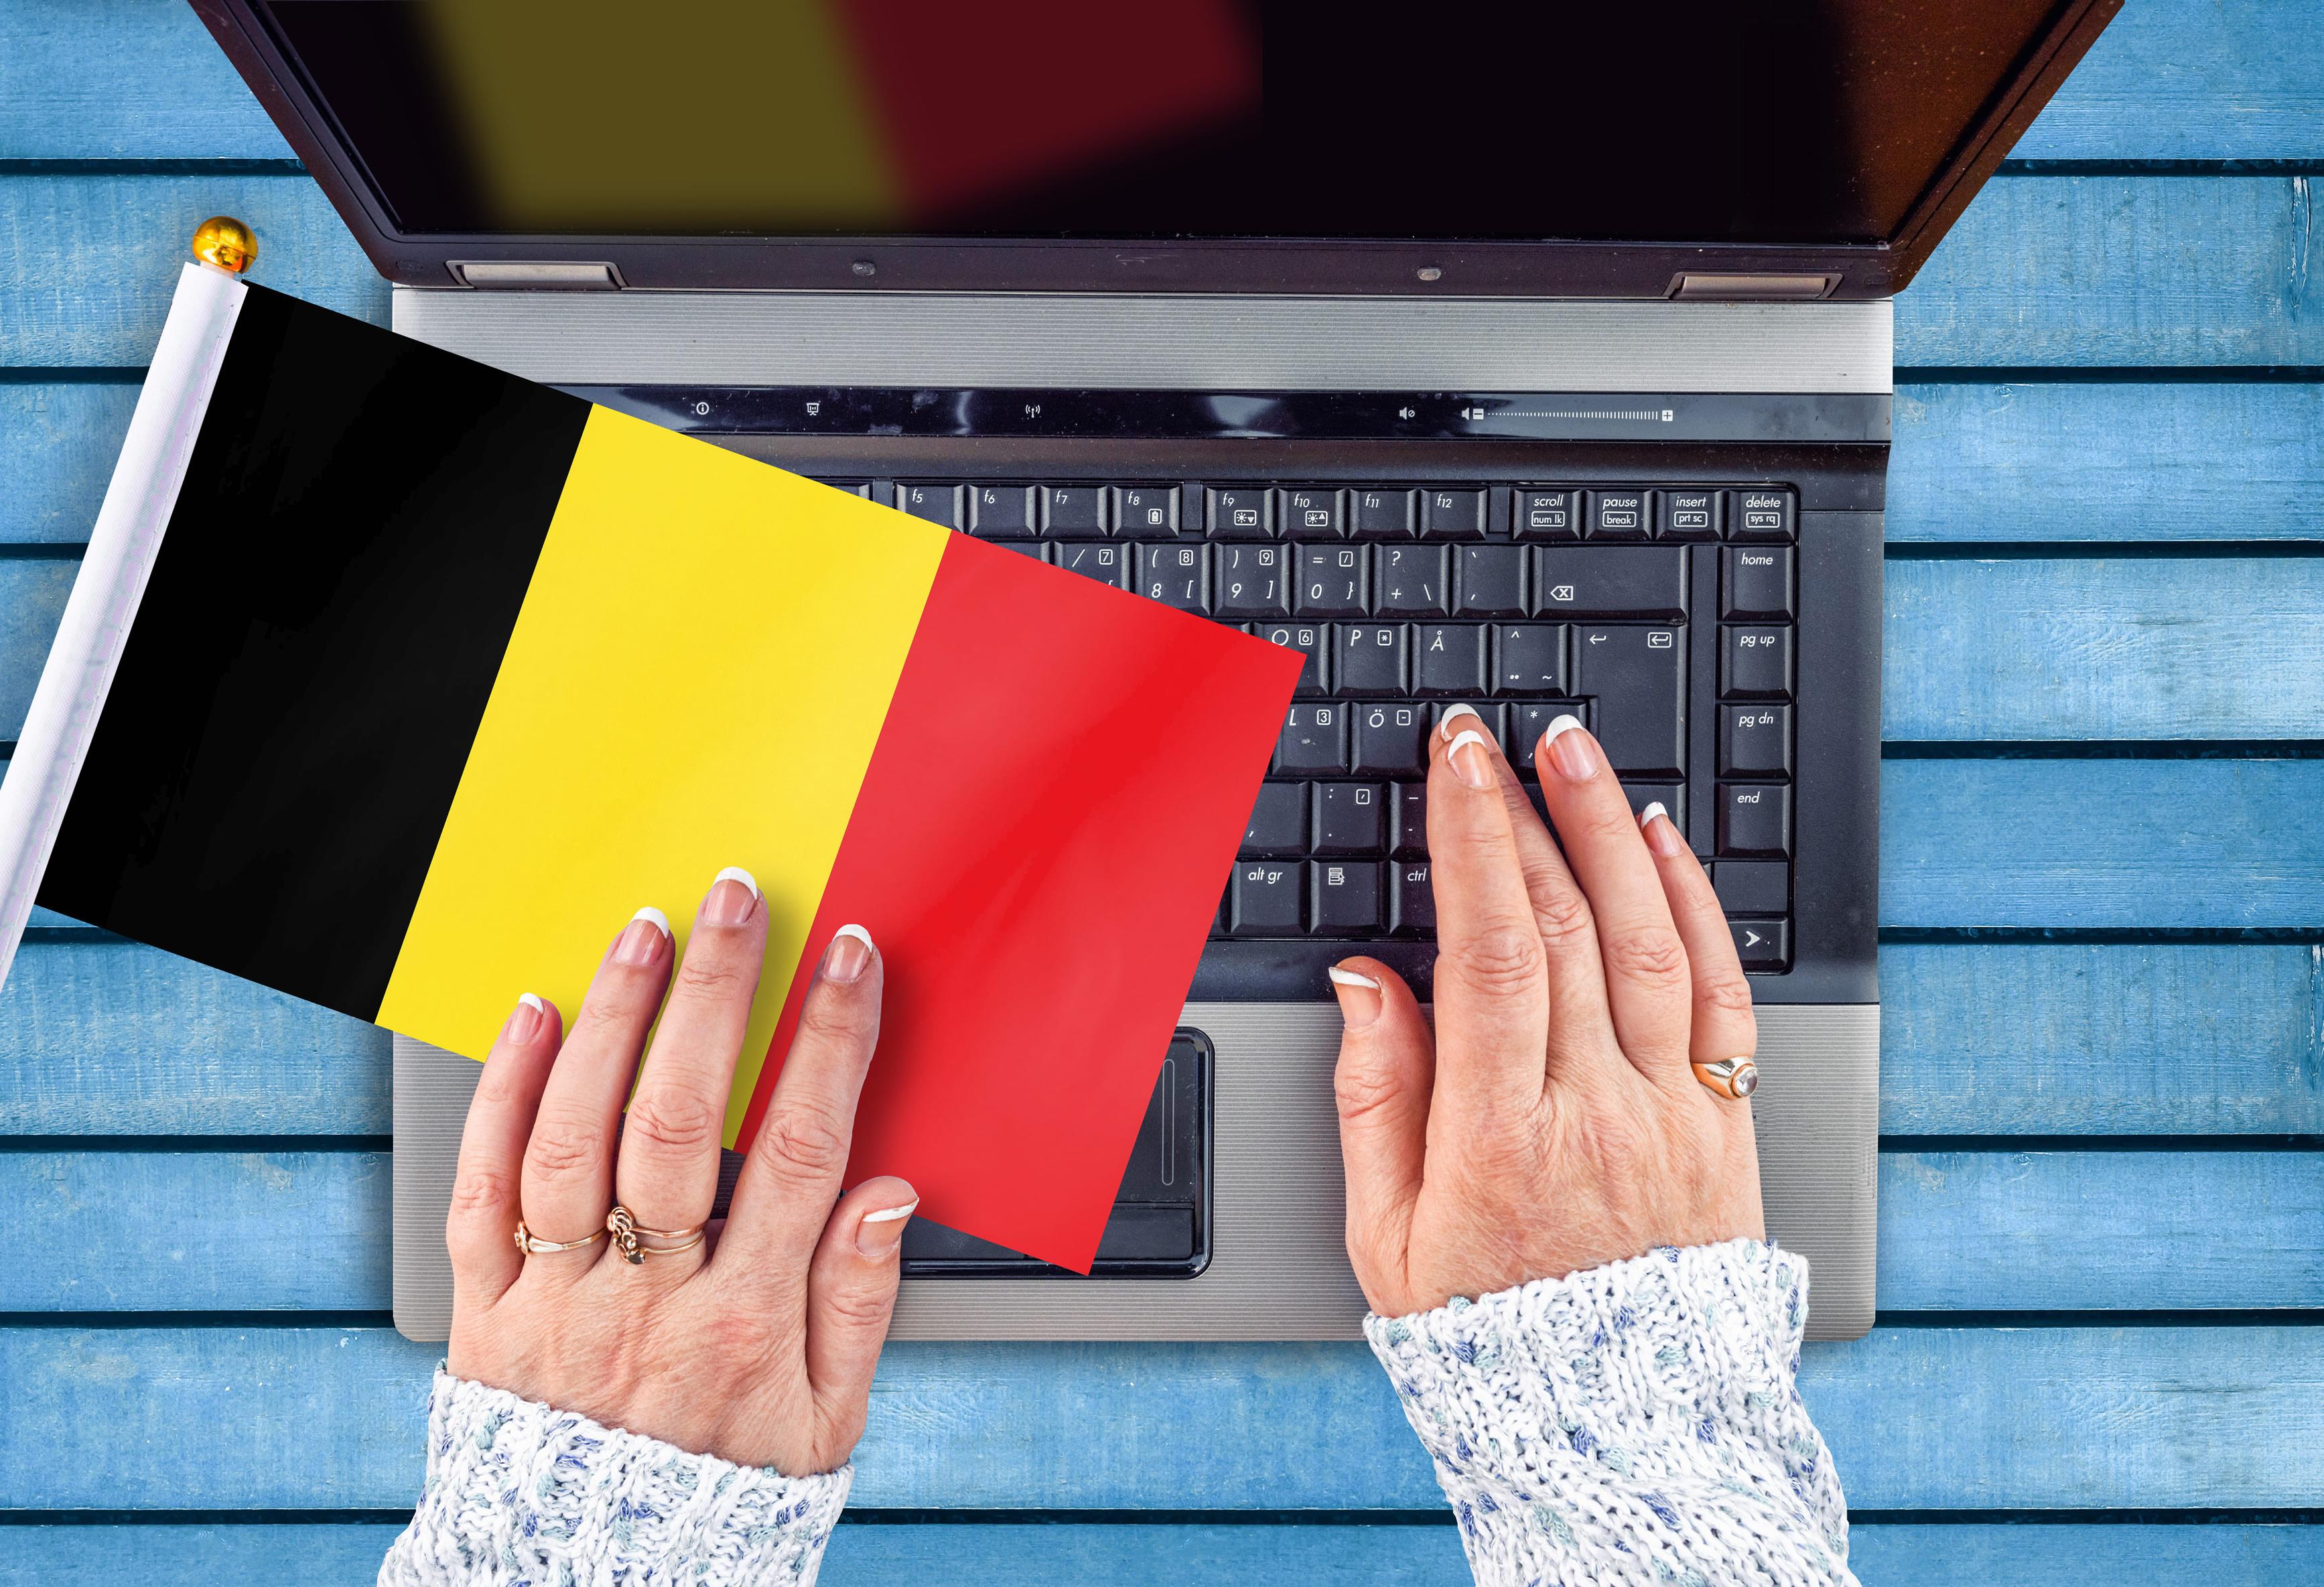 Клавиатура и флаг Бельгии, работа в которой доступна для русских